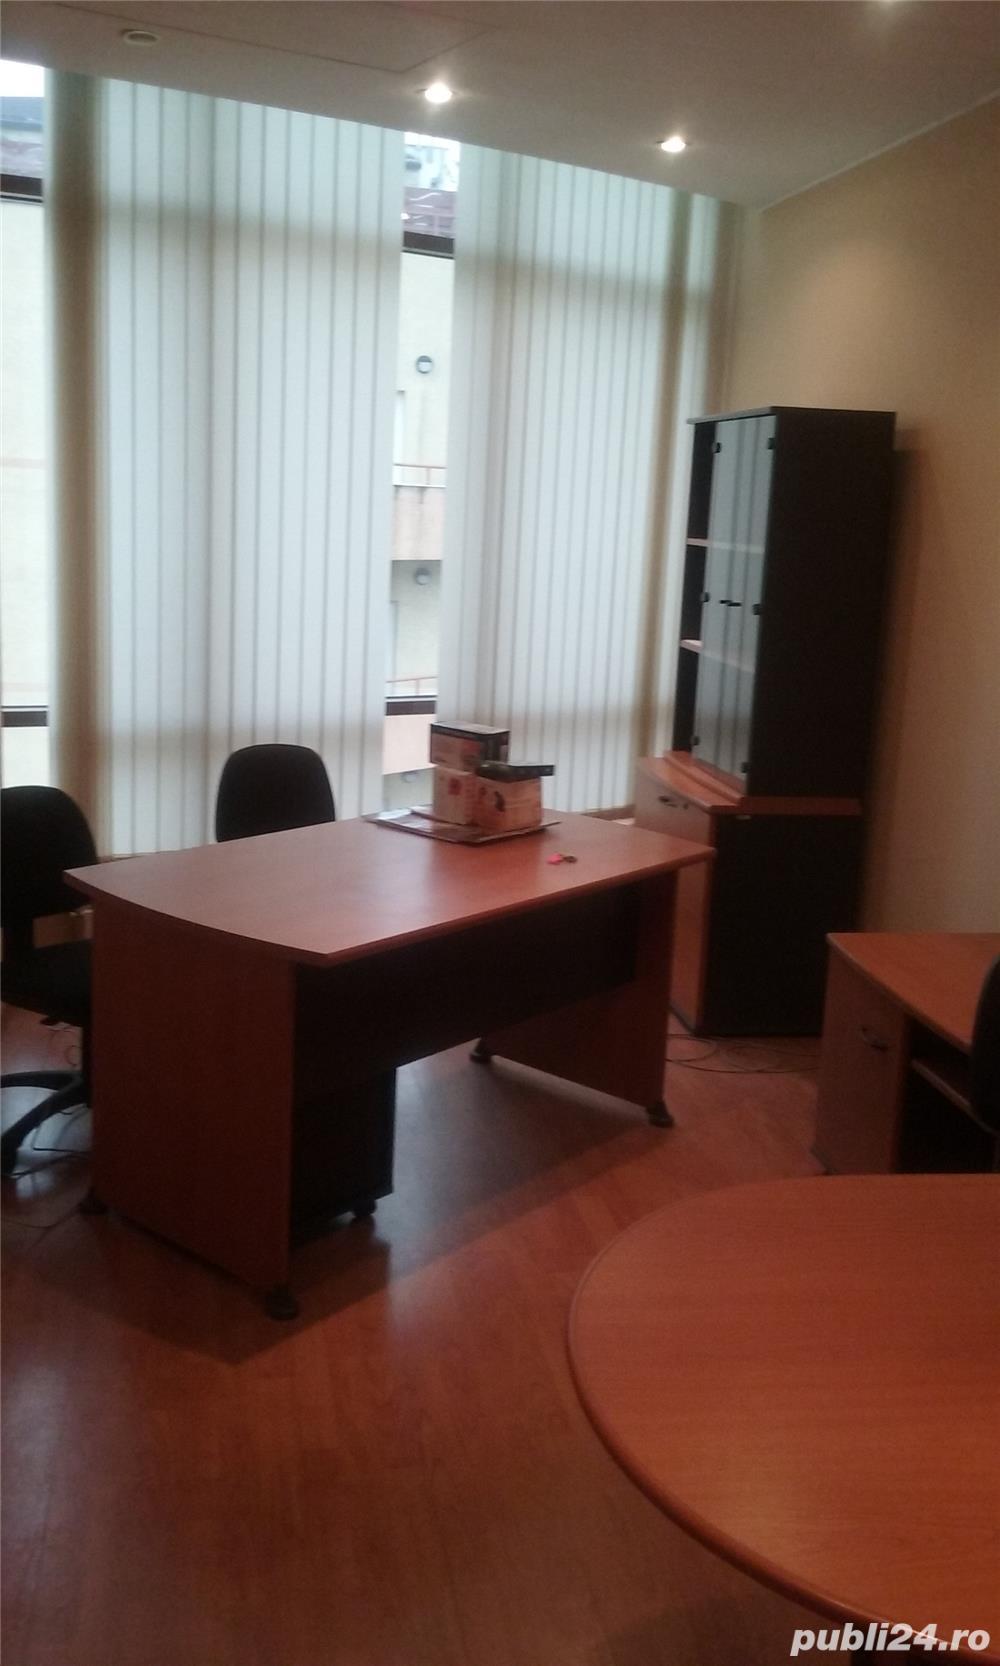 pache protopopescu scoala iancului inchiriere spatiu birou